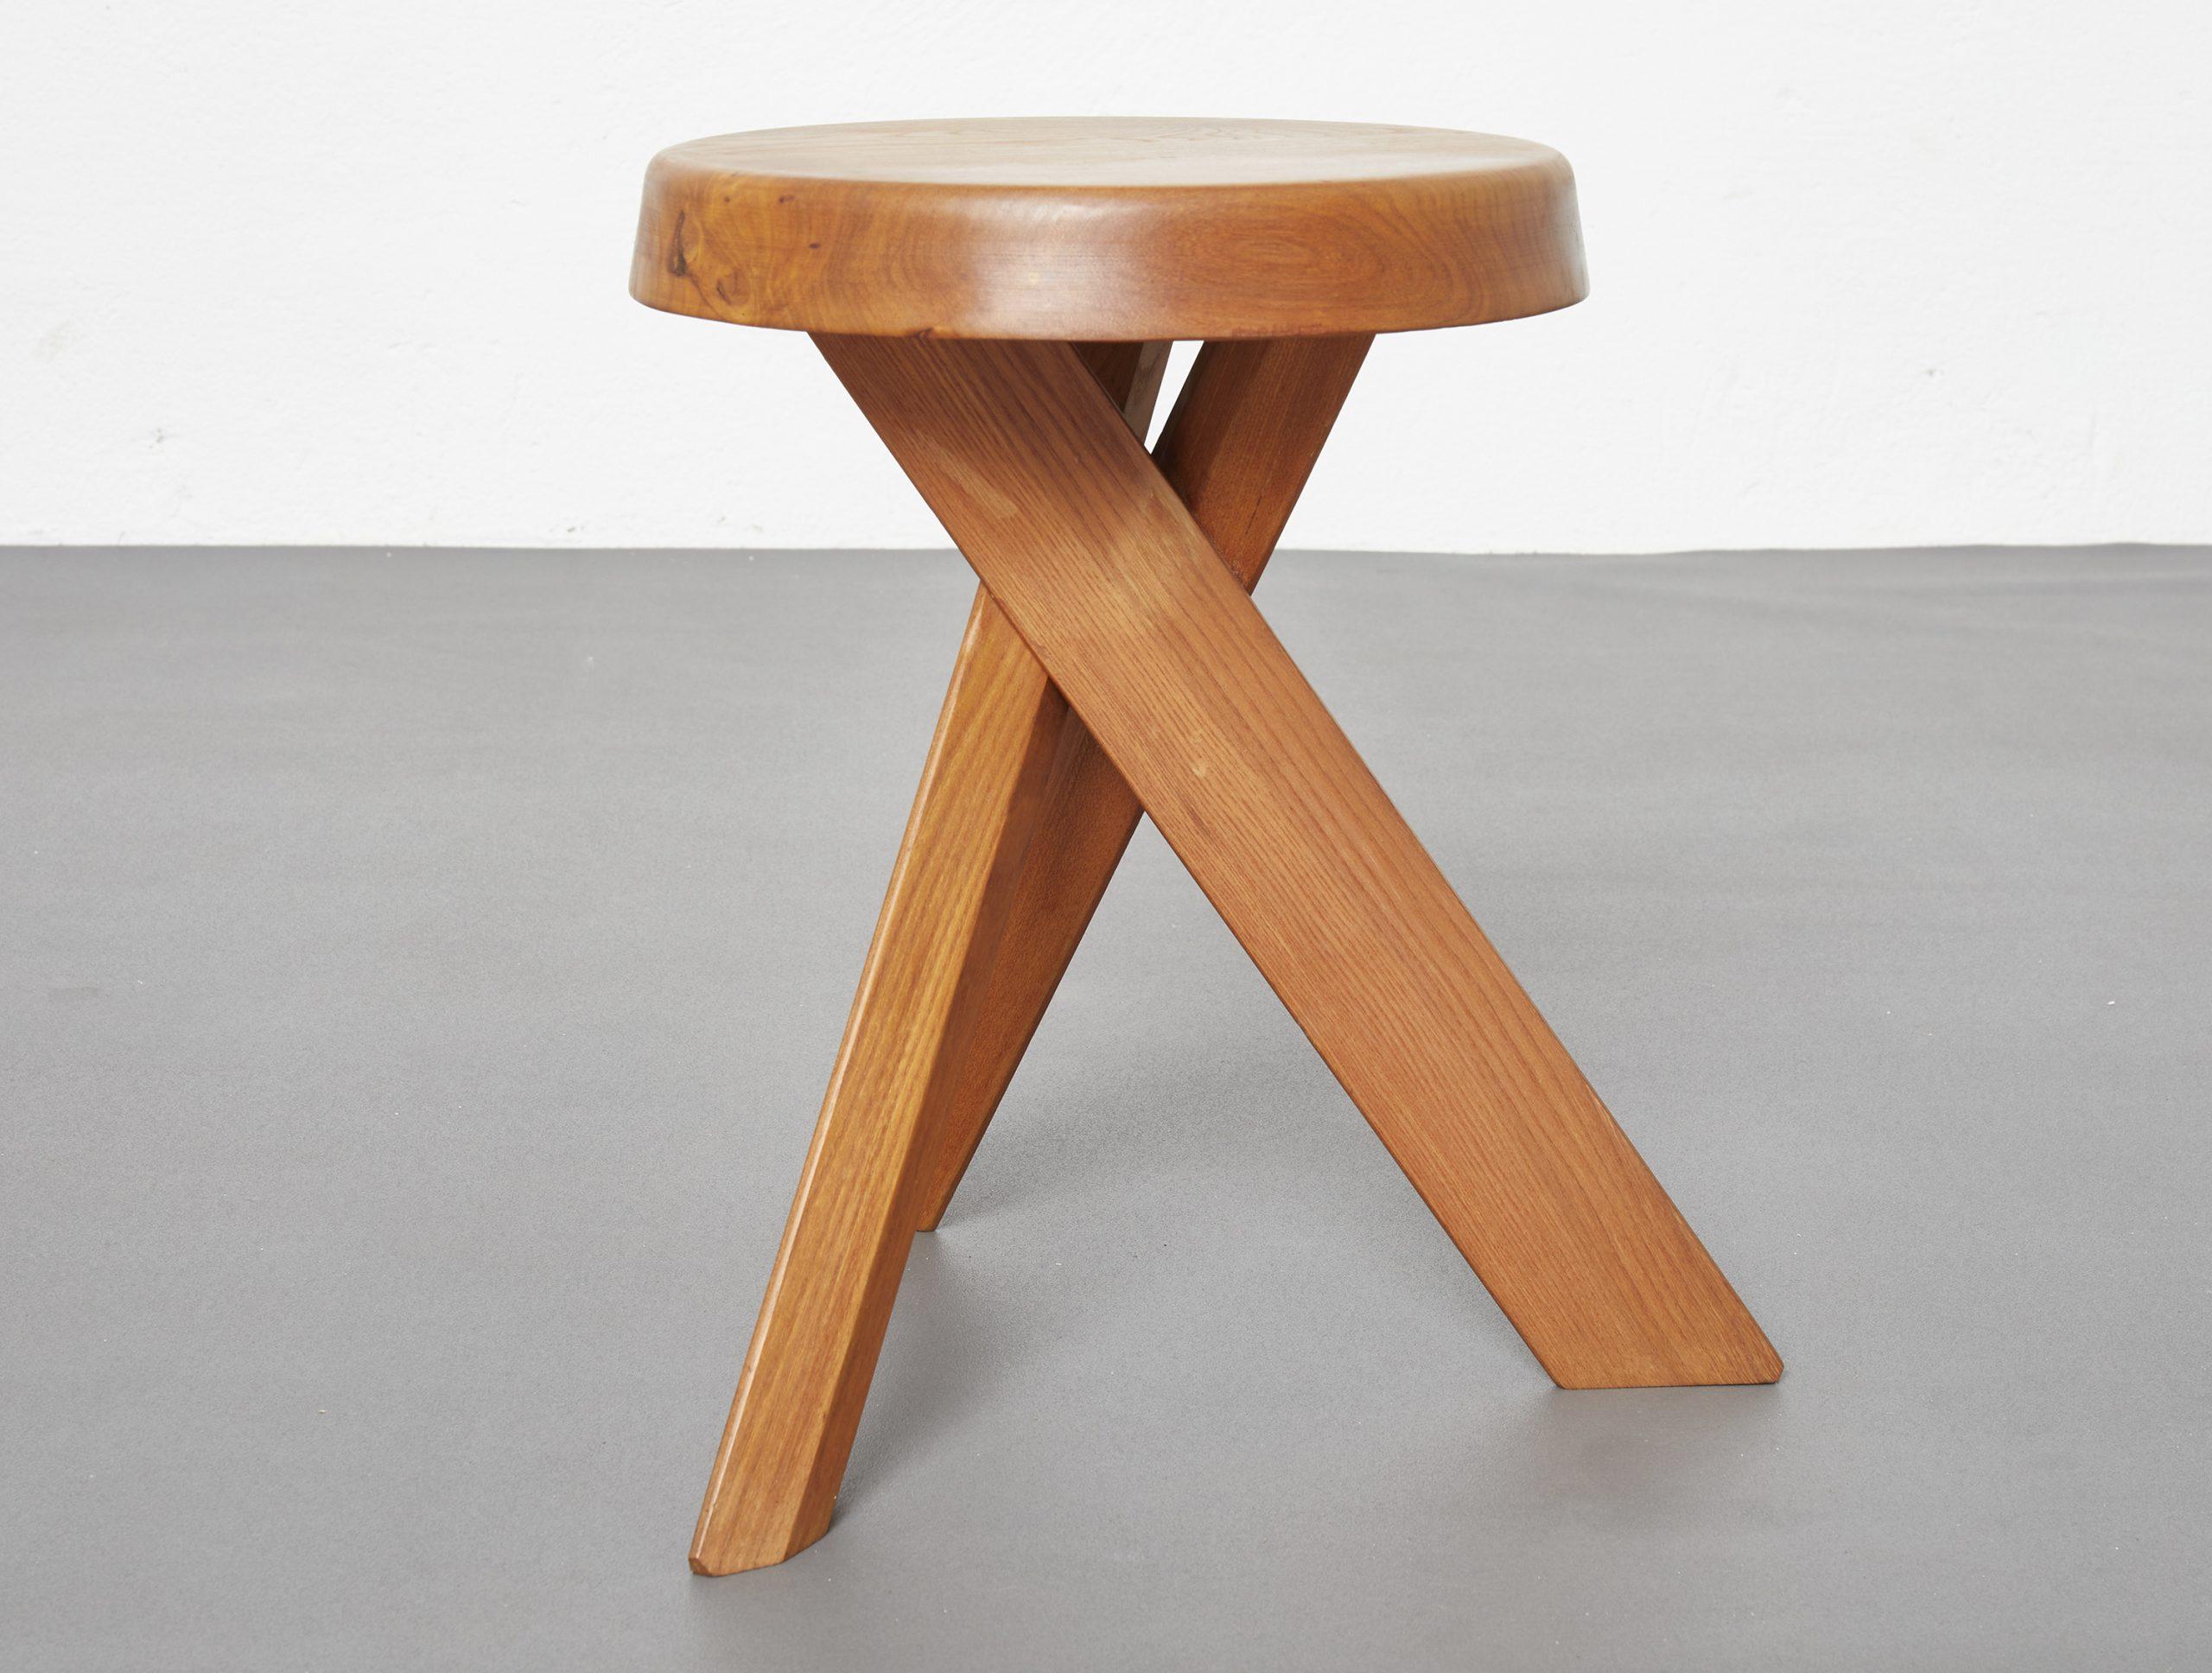 pierre-chapo-s31-elmwood-stool-image-01